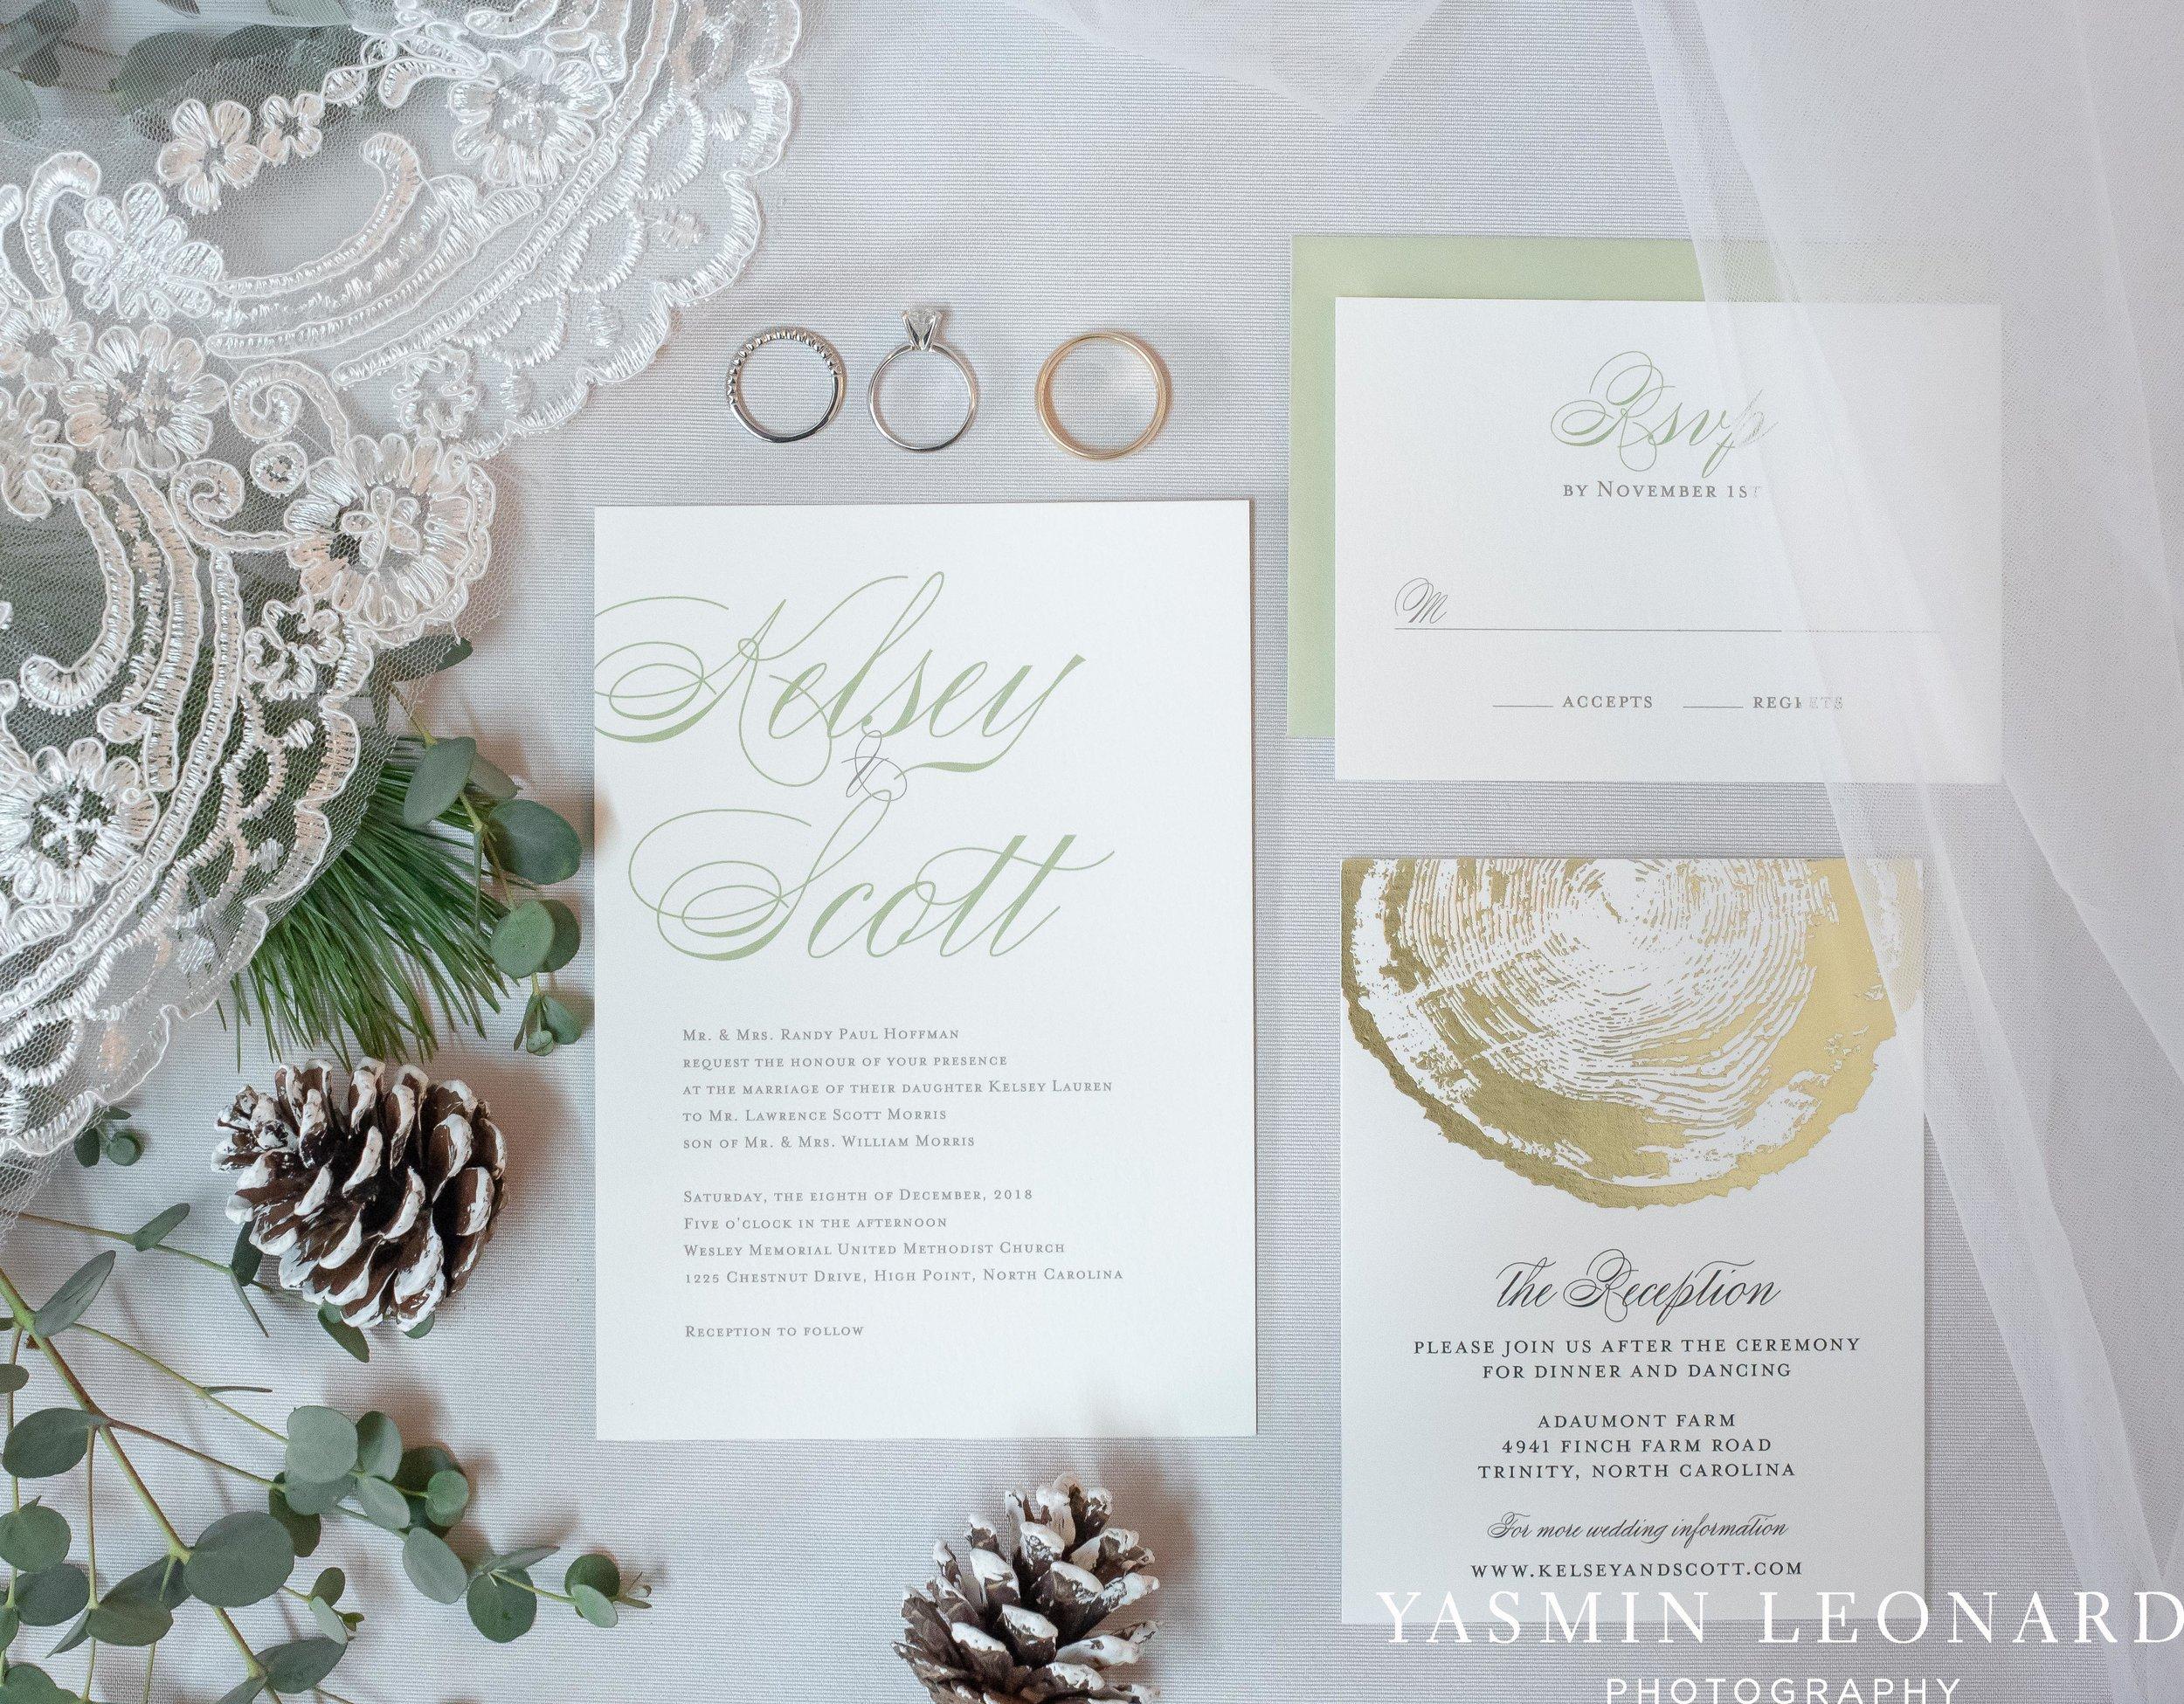 Adaumont Farm - Wesley Memorial Weddings - High Point Weddings - Just Priceless - NC Wedding Photographer - Yasmin Leonard Photography - High Point Wedding Vendors-1.jpg